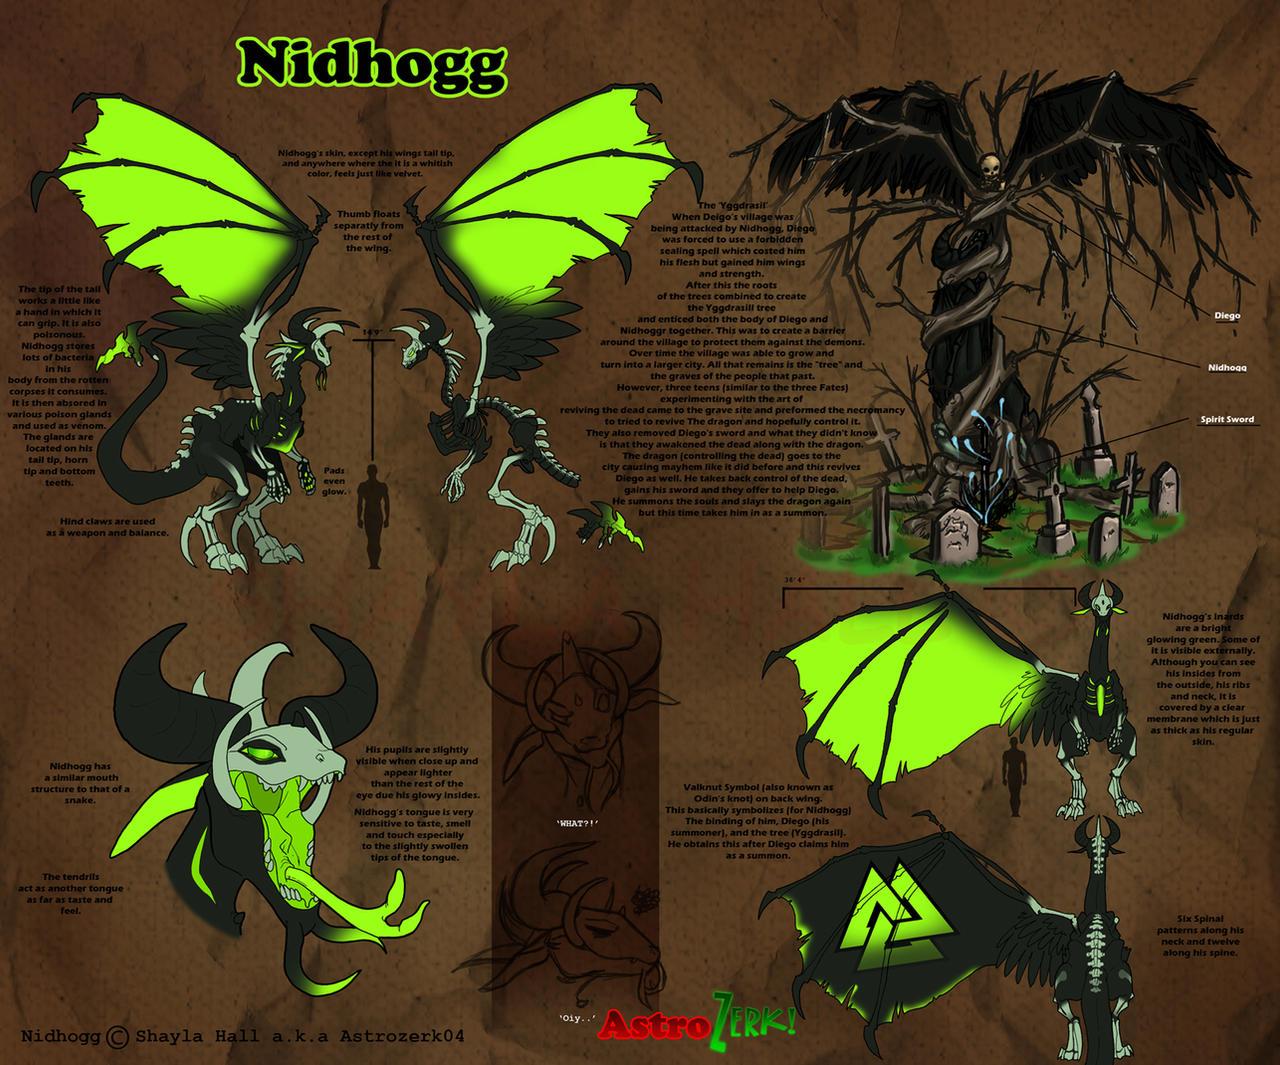 Nidhogg ref by AstroZerk on DeviantArt